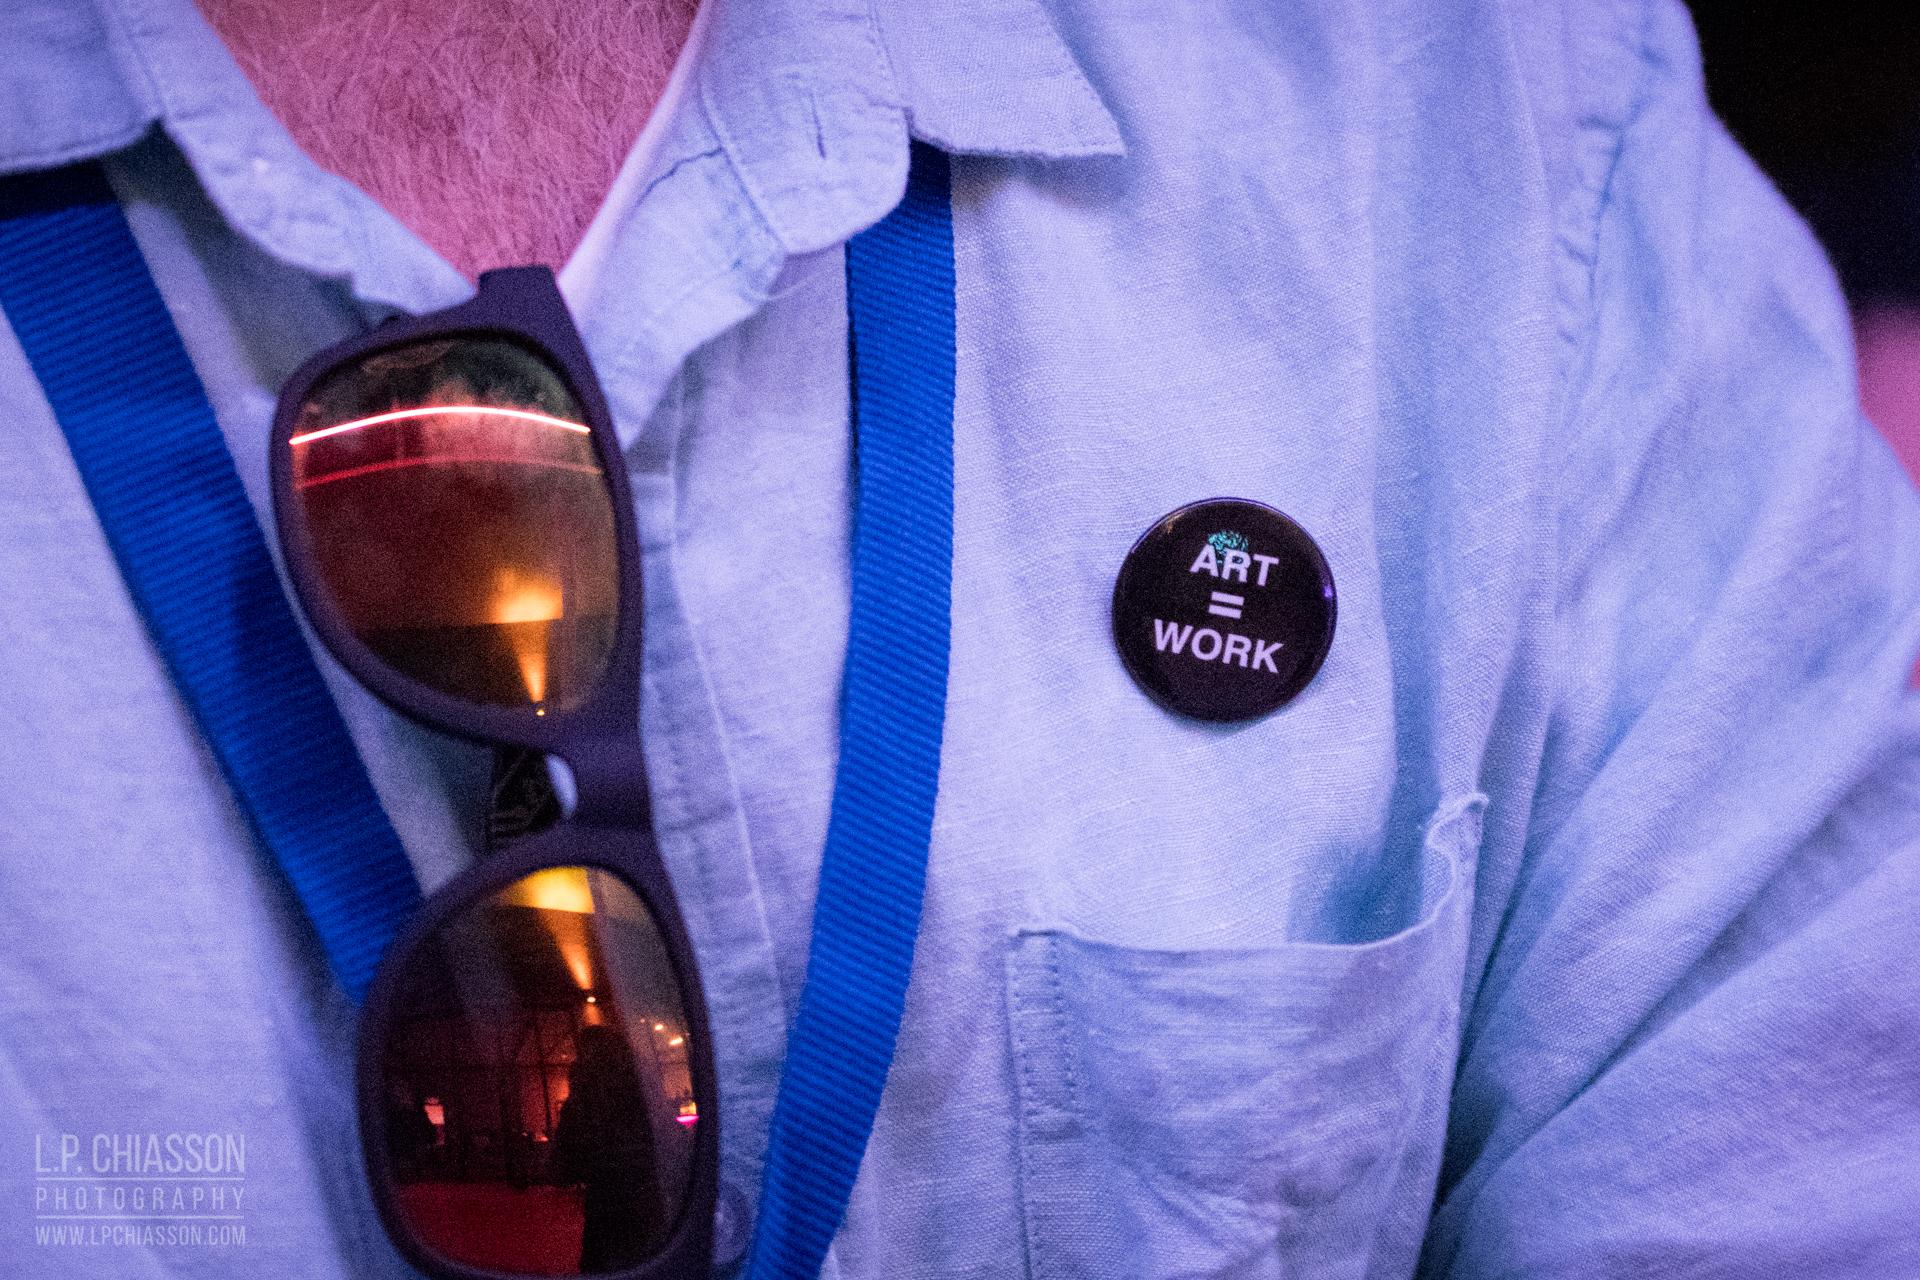 Un délégué lors de la réception d'ouverture portant un badge ART = WORK. Photo: LP Chiasson & Festival Inspire.